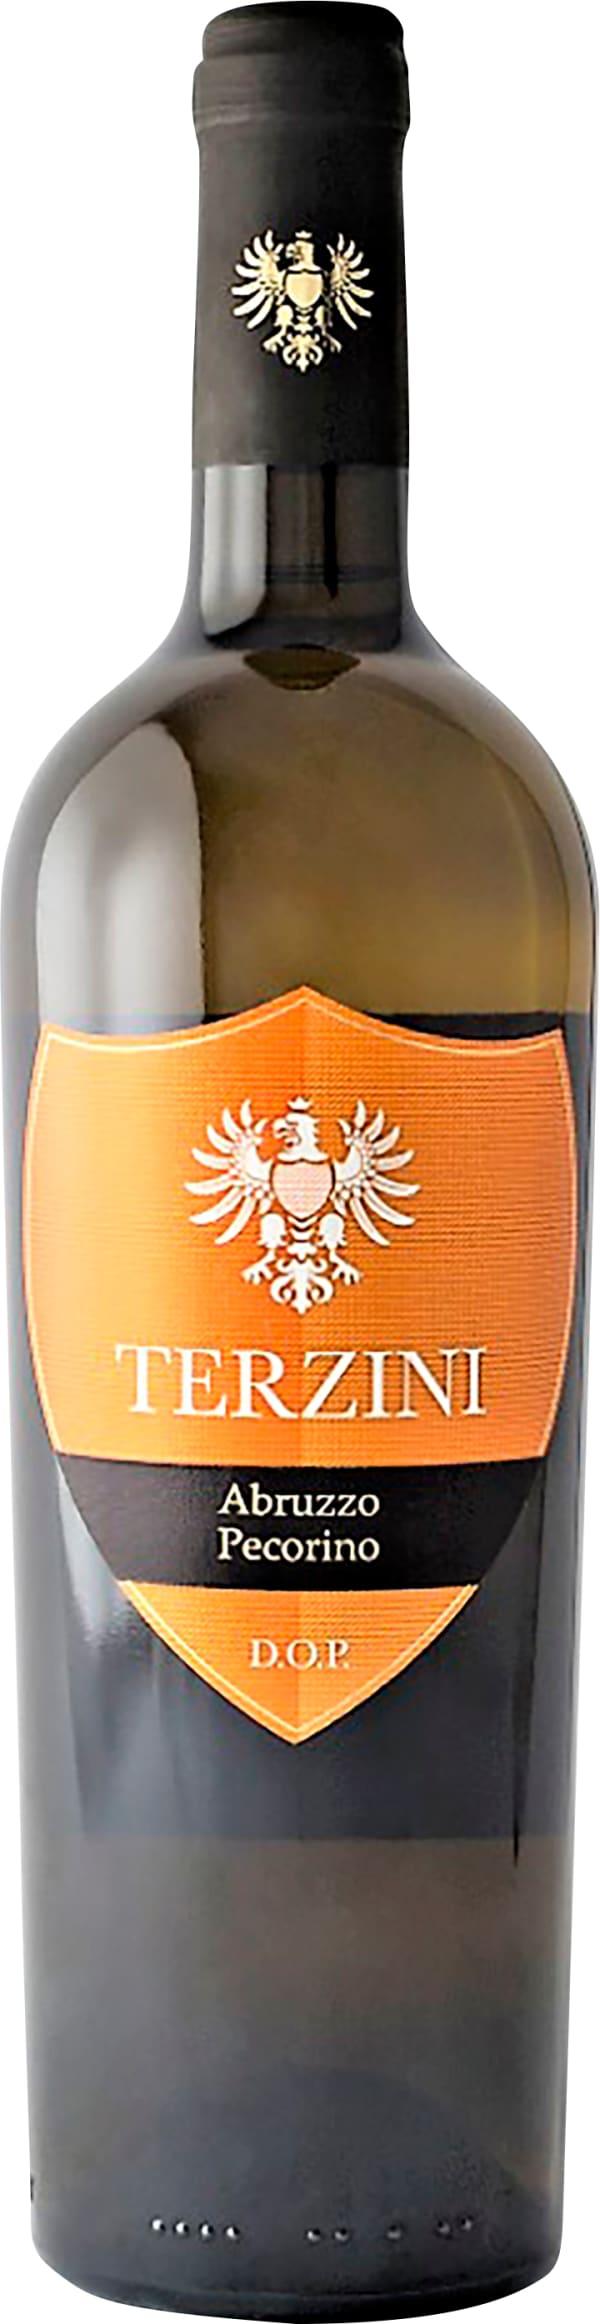 Terzini Pecorino Abruzzo 2016